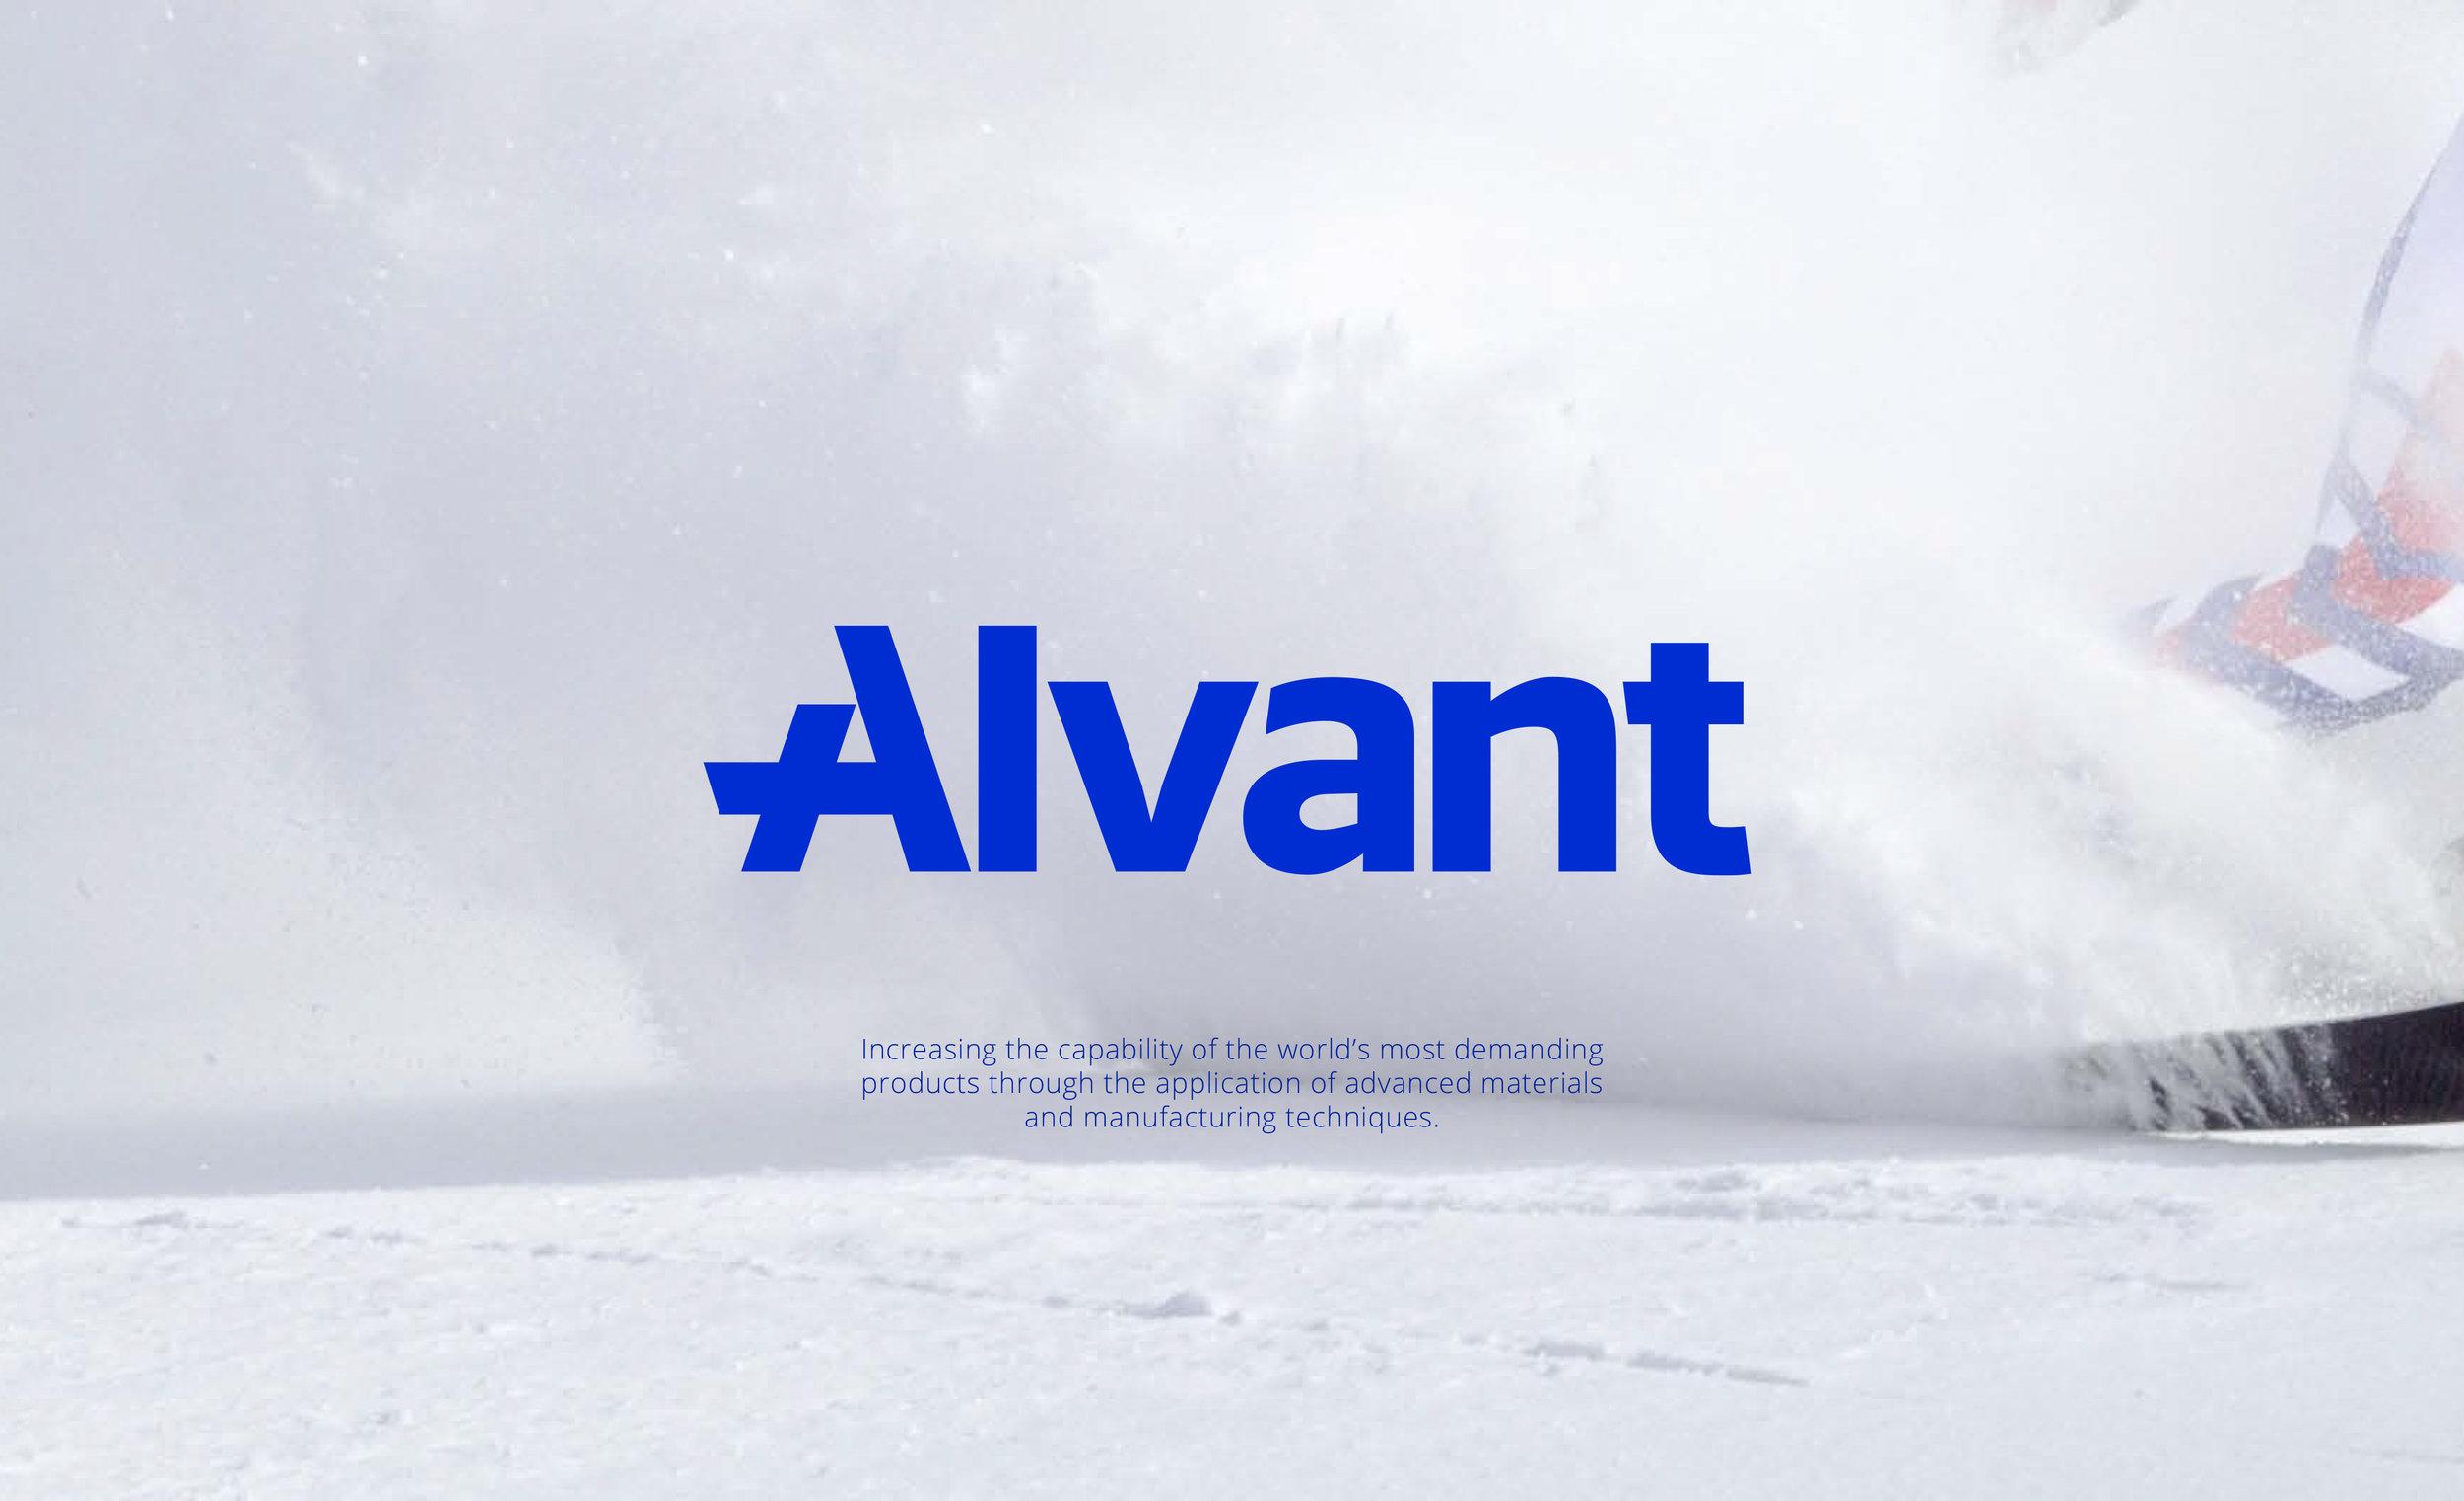 Alvant_BrandGuidelines_050618_LR 4.jpg